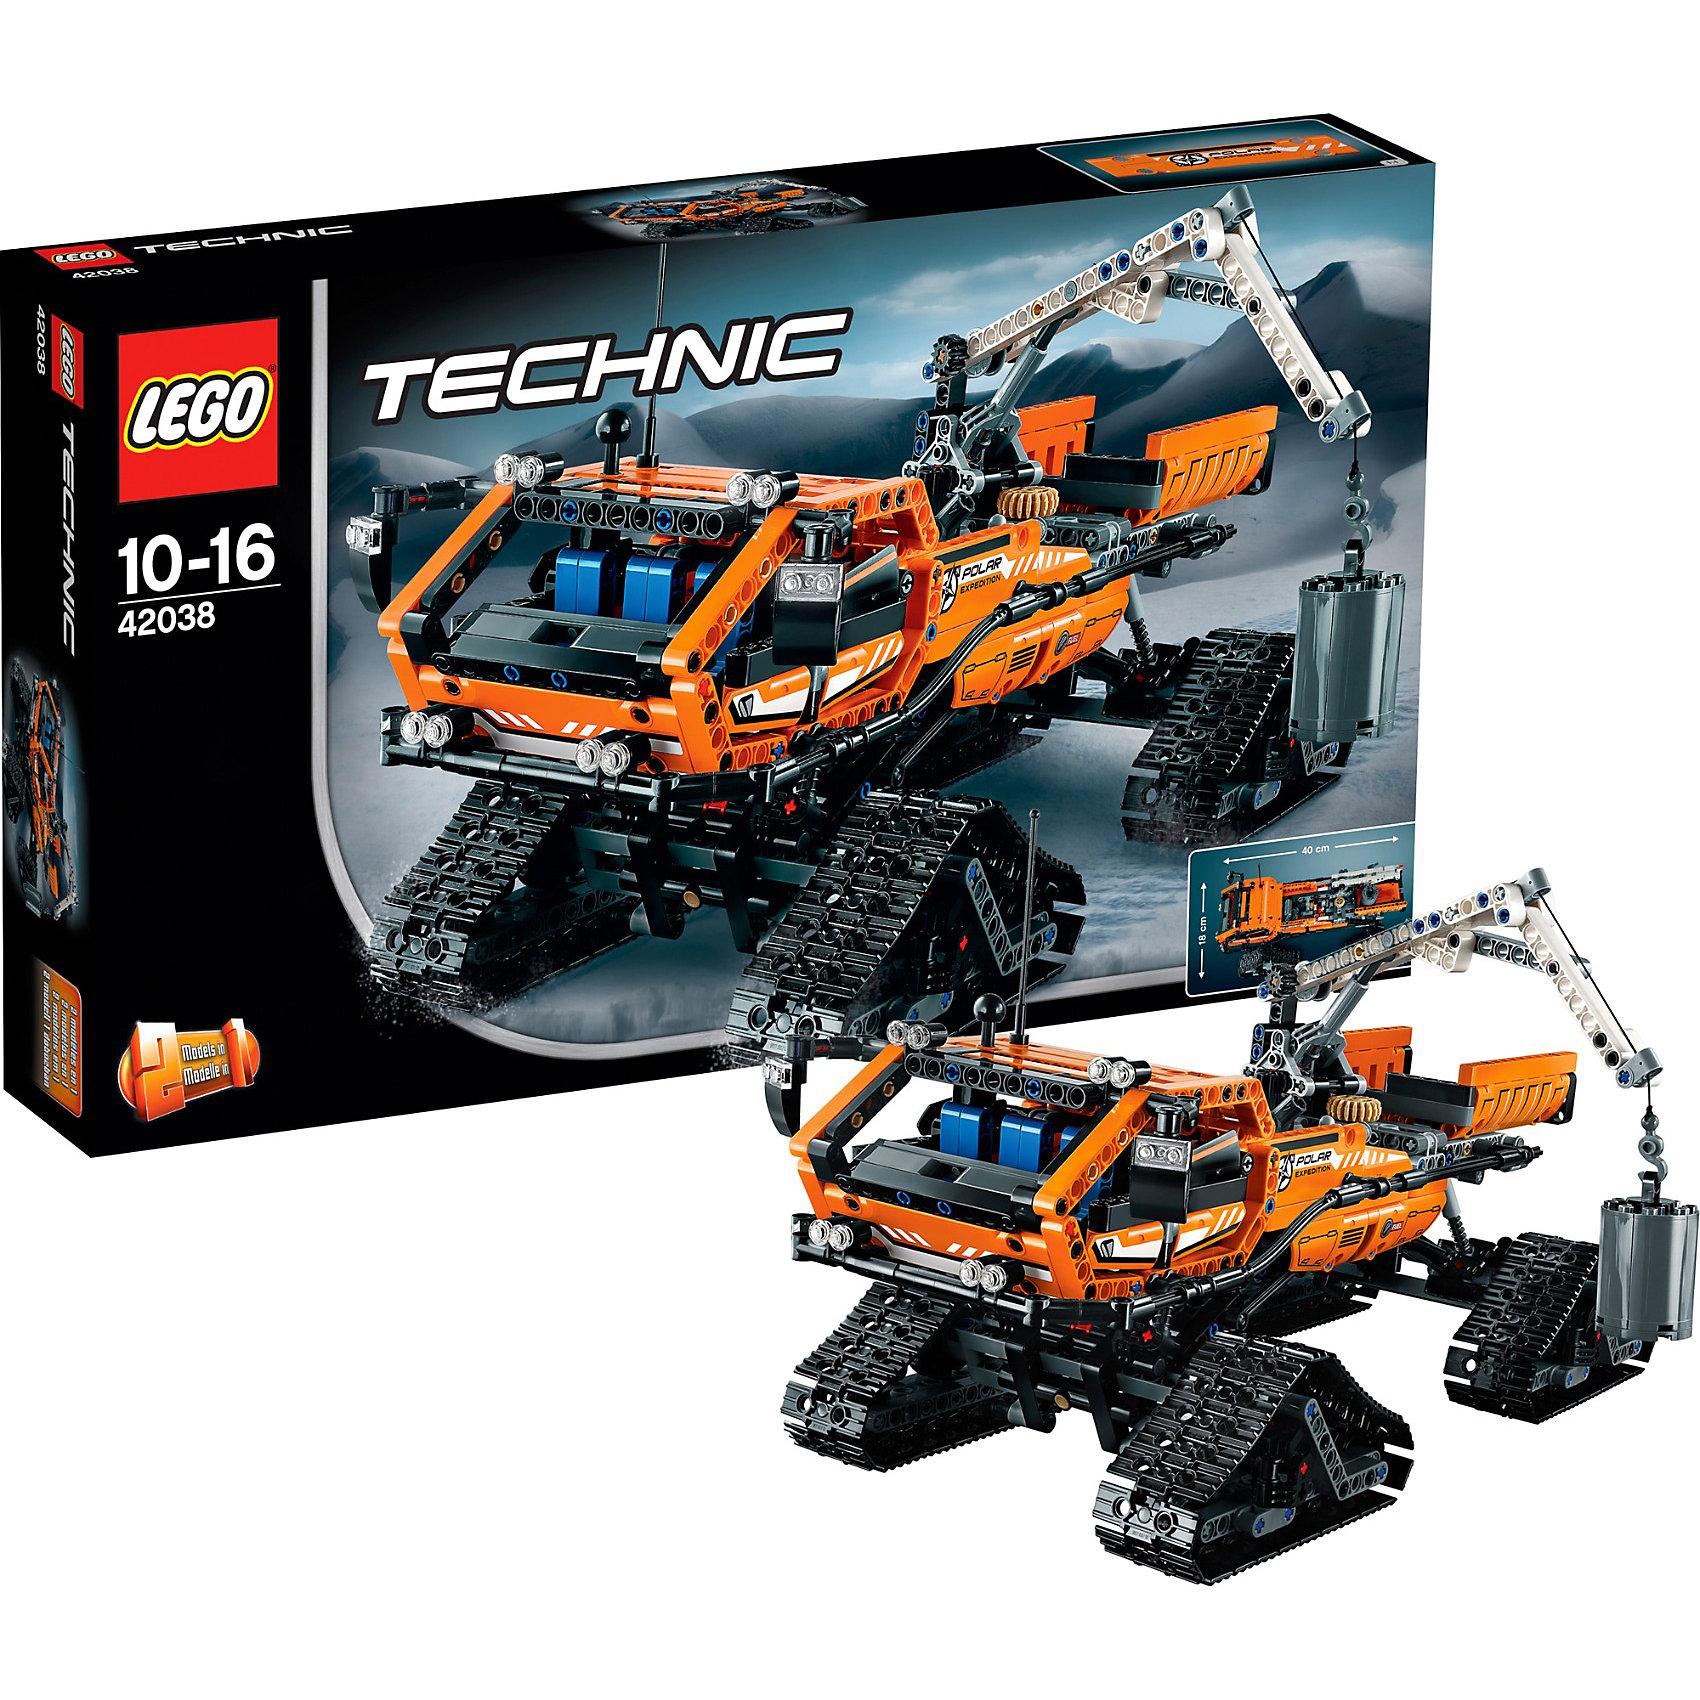 LEGO Technic 42038: Арктический вездеходНовинка LEGO Technic (ЛЕГО Техник) 42038: Арктический вездеход – это один из самых объемных конструкторов в линейке 2015 года, отличающийся детализацией, продуманным дизайном и обилием подвижных деталей. Его корпус выполнен из контрастных оранжево-чёрных деталей, хорошо заметных издалека. Уровень сложности оценивается по высшей шкале, поэтому сборка игрушки потребует участия взрослых членов семьи. Обучающие занятия с этим конструктором познакомят подростка со строением сложных механизмов. Этот громадный гусеничный вездеход для езды по снегу предназначен для преодоления гигантских сугробов и езды по арктической местности. В собранном виде вездеход оснащен 4 опорами и широкими гусеничными лентами (которые могут плавно поворачивать), мощным краном с лебедкой и крюком, кабиной с открывающимися дверцами, опрокидывающейся грузовой платформой. Эту модель также можно трансформировать в гусеничный грузовик-пикап или усовершенствовать при помощи мотора 8293 LEGO Power Functions (продается отдельно) – и у тебя будут яркие светодиодные фары плюс моторизированная лебедка и платформа! <br><br>В серии Лего Техник найдутся транспортные средства на любой вкус: тракторы и экскаваторы, внедорожники и квадроциклы, самосвалы и гоночные автомобили. Некоторые машины можно моторизировать с помощью Power Function (продается отдельно). Все модели ЛЕГО Техник высокодетализированы и имеют множество подвижных узлов и действующих механизмов. Модели из серии конструкторов LEGO Technic будут интересны не только детям от 8 лет, но и взрослым. Почувствуйте себя в роли механика или инженера-инструктора!<br><br>Дополнительная информация:<br><br>-Состав: 913 деталей, инструкция<br>-Размер упаковки: 11х3х9 см<br>-Размер вездехода: 16 х 40 х 18 см<br>-Вылет стрелы крана: 26 см<br>-Вес: 1,38 кг<br>-Материал: пластик<br>-Весь набор упакован в фирменную картонную коробку ЛЕГО<br><br>LEGO Technic (ЛЕГО Техник) 42038: Арктический вездеход можно купить в нашем магазине.<